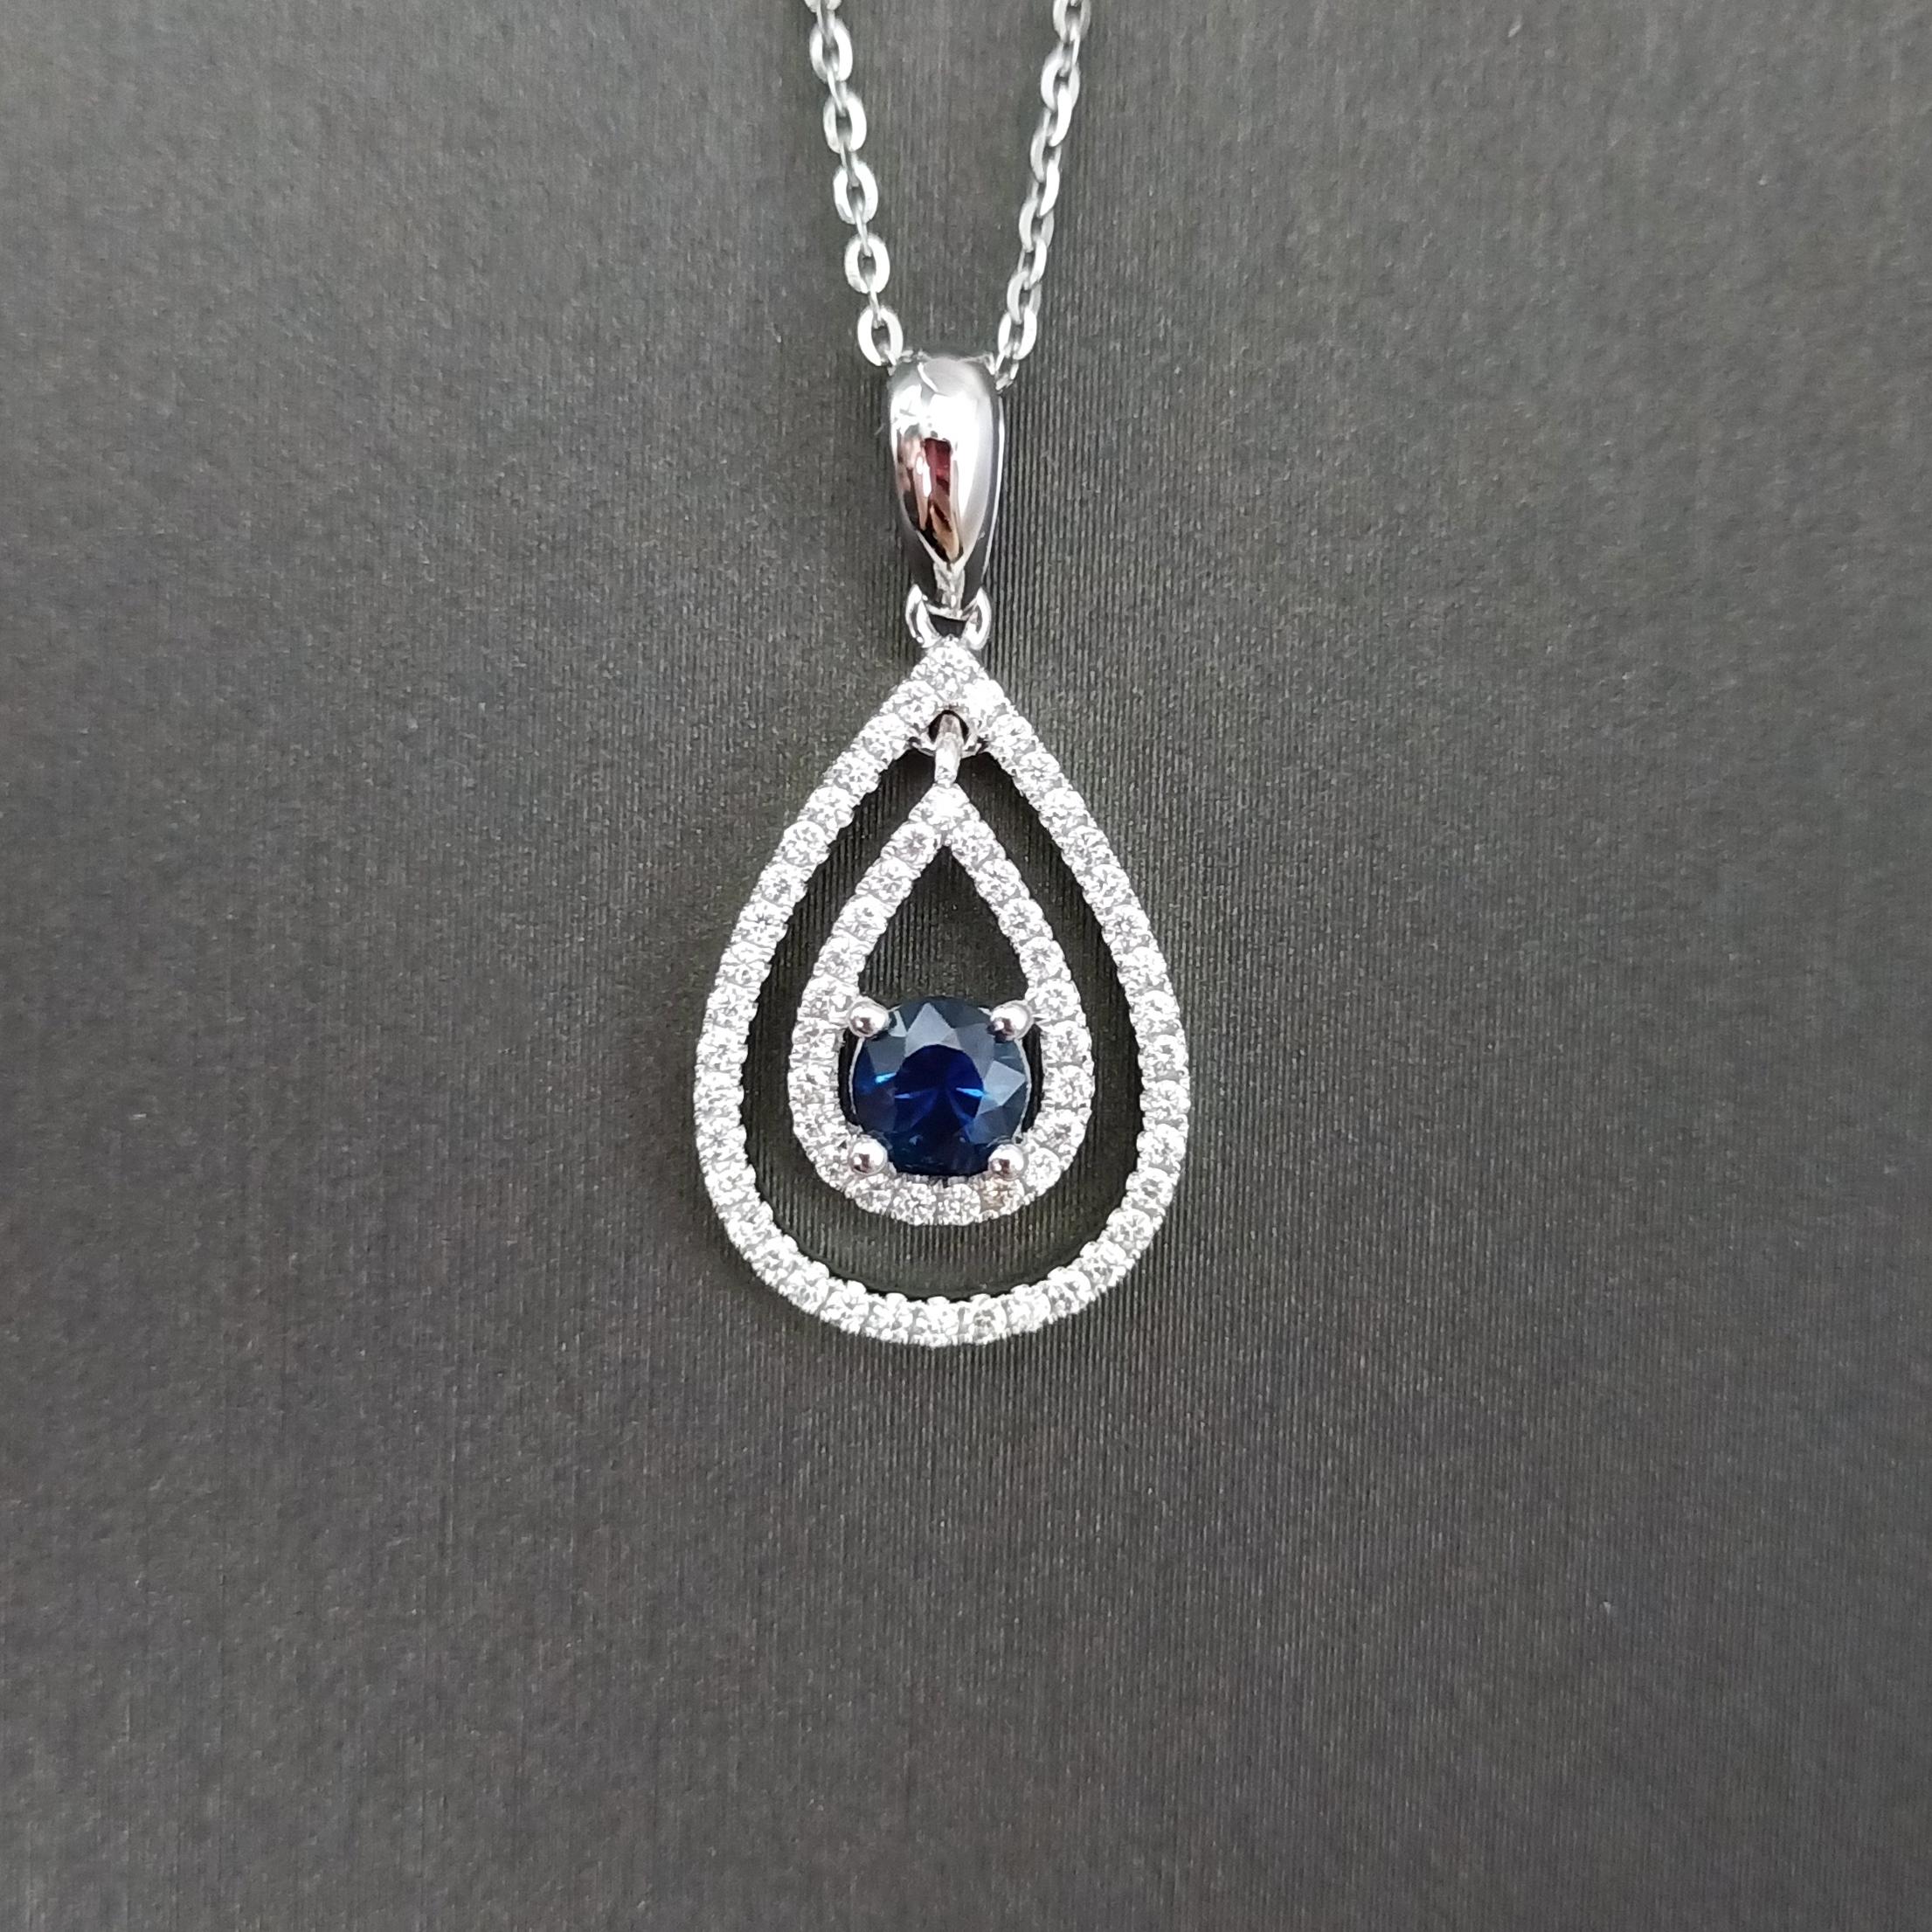 【吊坠】18K金+蓝宝石+钻石 宝石颜色纯正 主石:0.31ct/1P 货重:1.84g